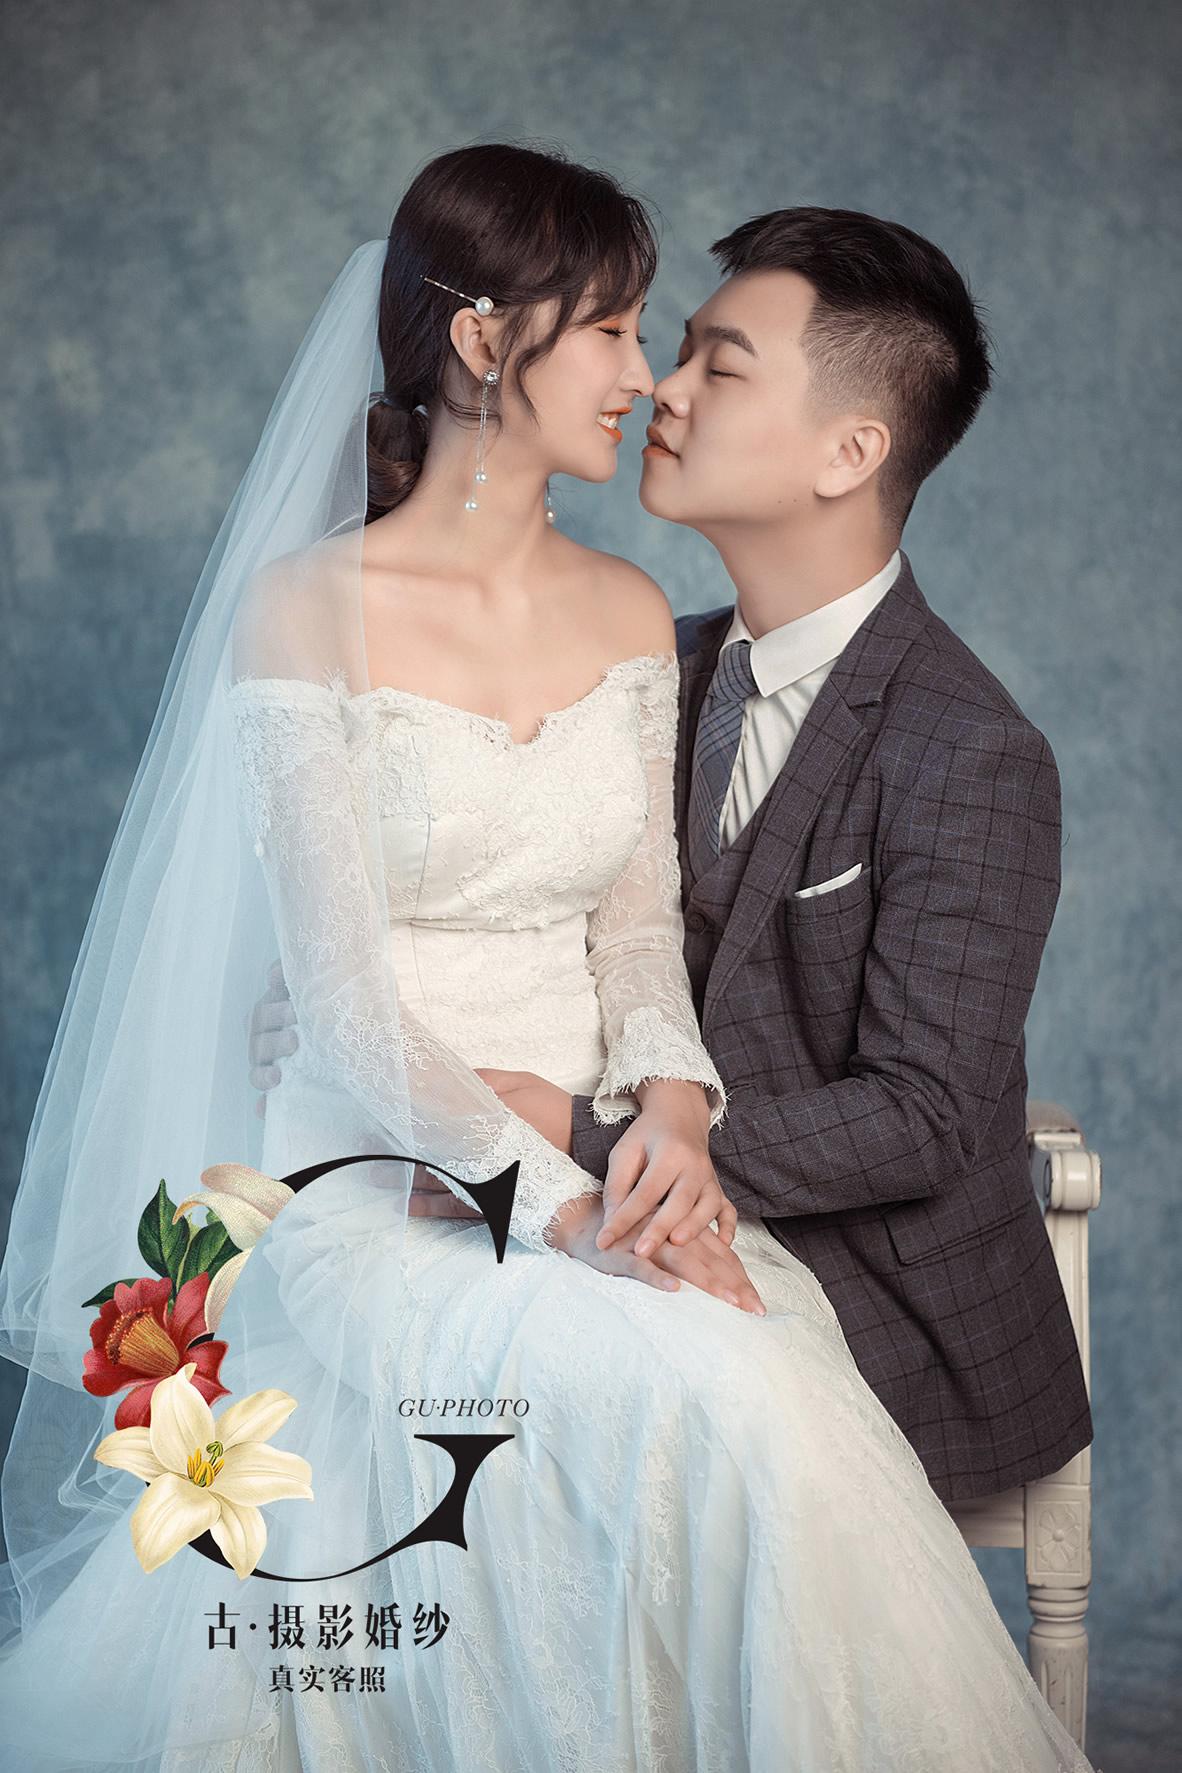 刘先生 黄小姐 - 每日客照 - 古摄影婚纱艺术-古摄影成都婚纱摄影艺术摄影网